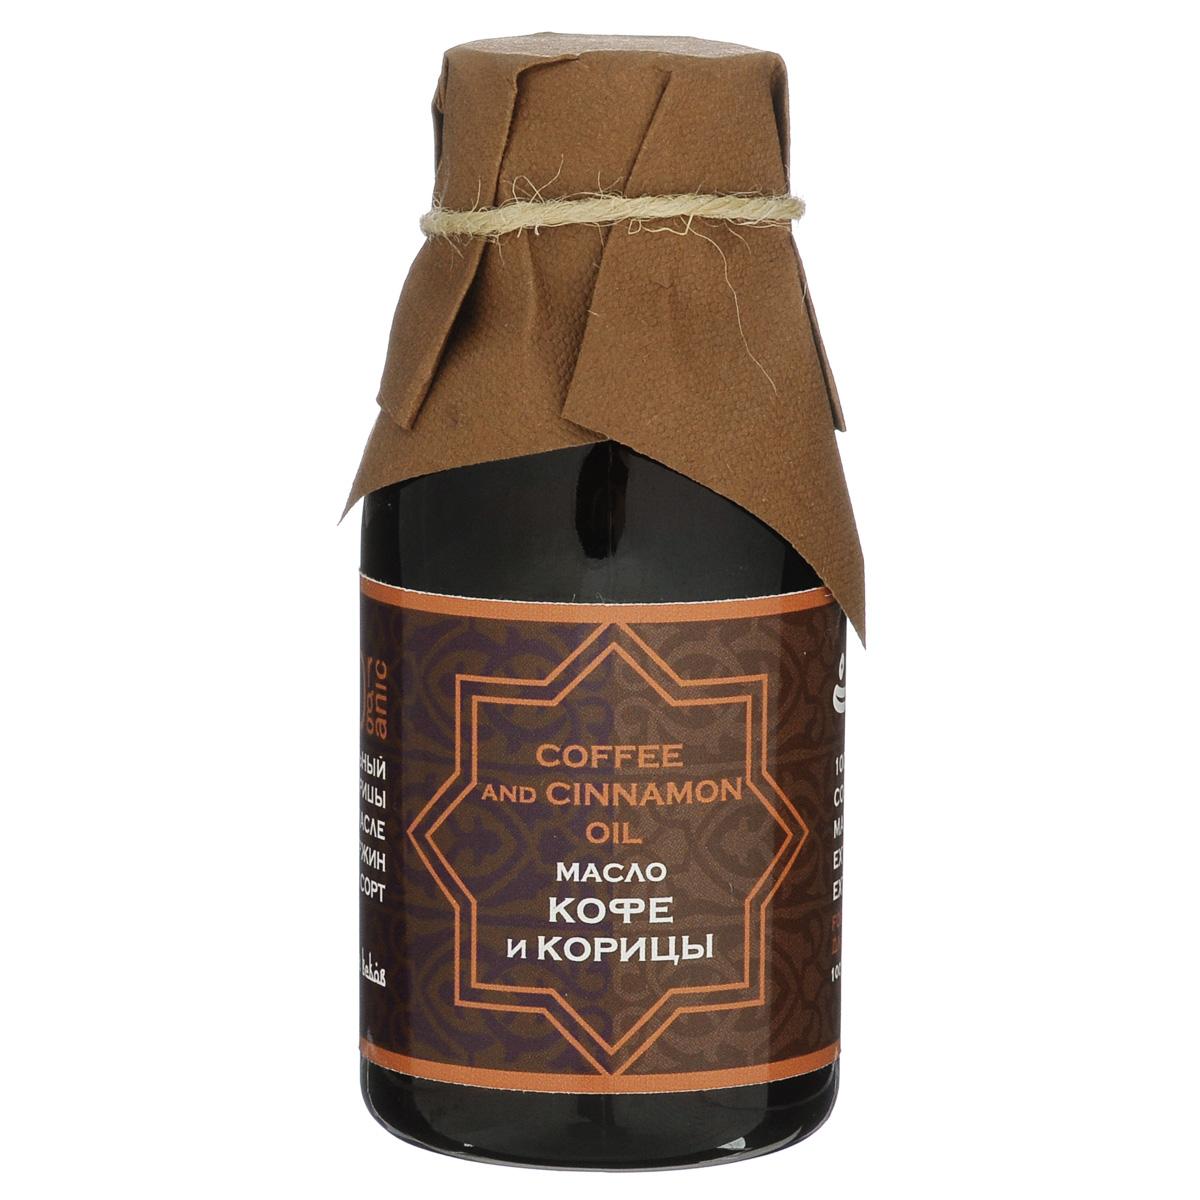 Зейтун Масляный экстракт Кофе и корица, 100 млZ3401Мацерат — это продукт, получаемый при масляной экстракции молотого кофе и корицы, который впитал в себя всю их пользу и силу. Мацерат кофе и корица насыщает кожу дивным ароматом, а помимо того, увлажняет и тонизирует кожу, способствует обновлению клеток и выравниванию кожного покрова. Также, при регулярном использовании, эти два компонента улучшают циркуляцию крови в глубоких слоях кожи, за счет чего способствуют похудению и обладают антицелюллитным свойством. Для волос это также весьма ценный продукт: кофе насыщает волосы силой и блеском, а корица ускоряет их рост.